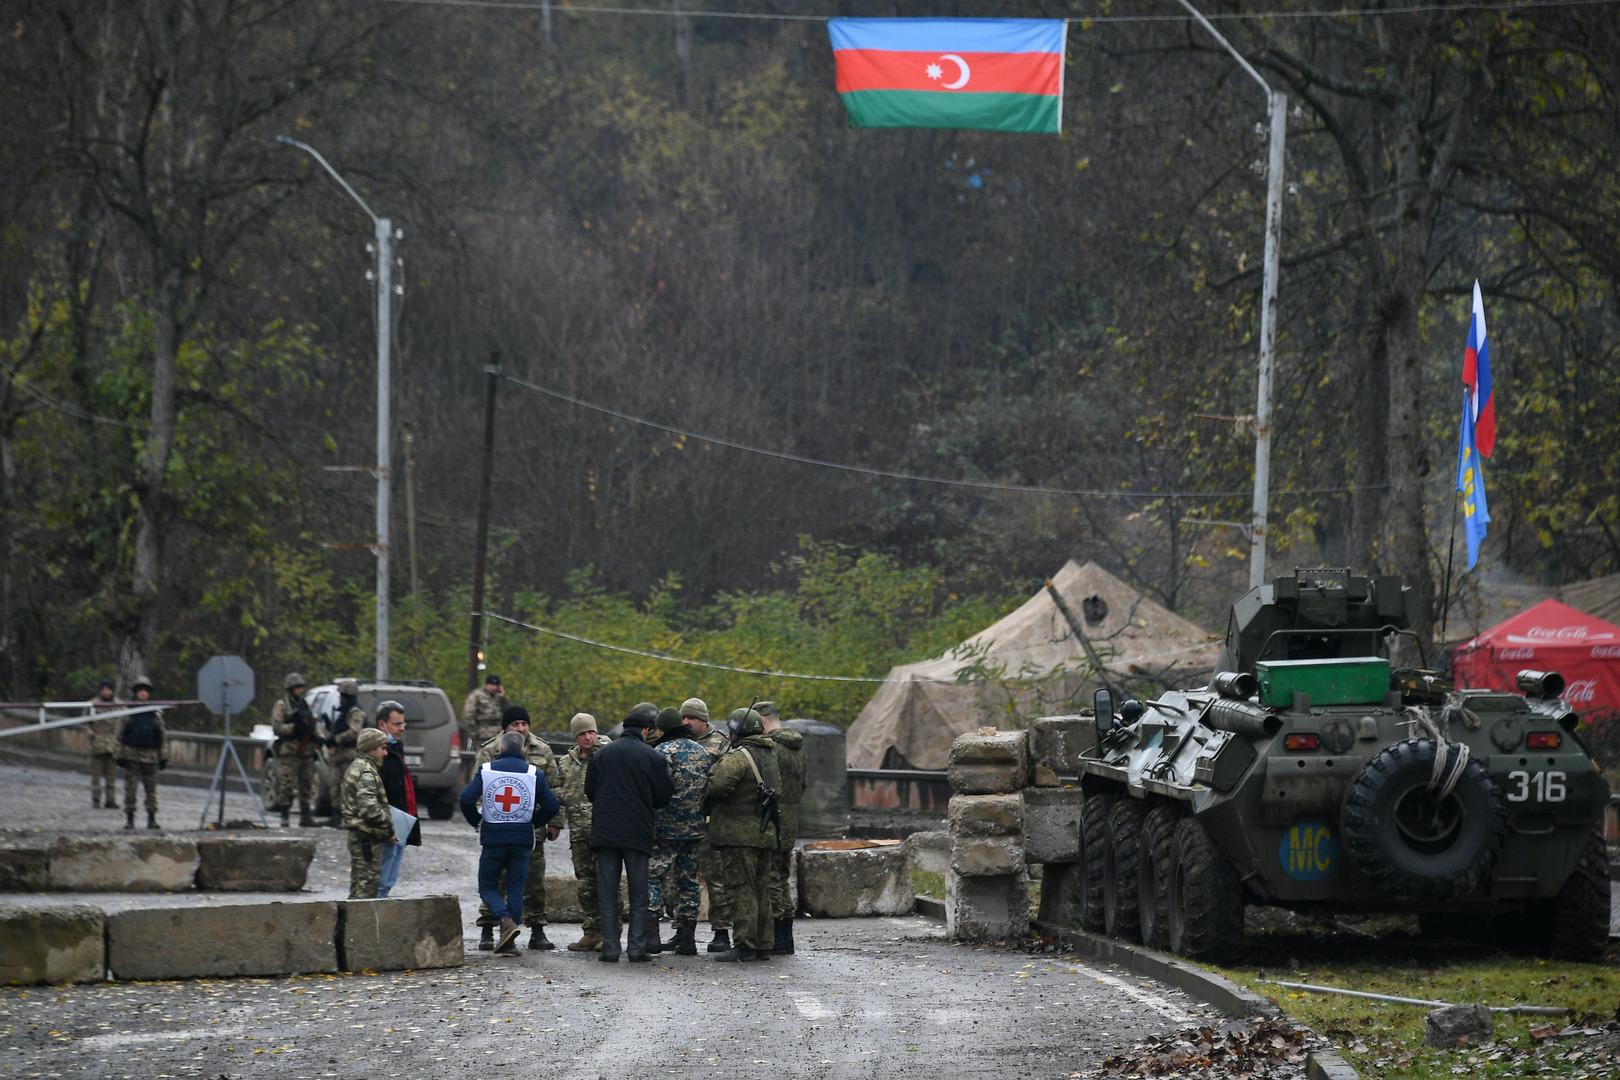 عناصر من القوات الأذربيجانية وقوات حفظ السلام الروسية وموظفون من الصليب الأحمر في نقطة تفتيش على الطريق بين شوشا وستيباناكيرت في إقليم قره باغ.